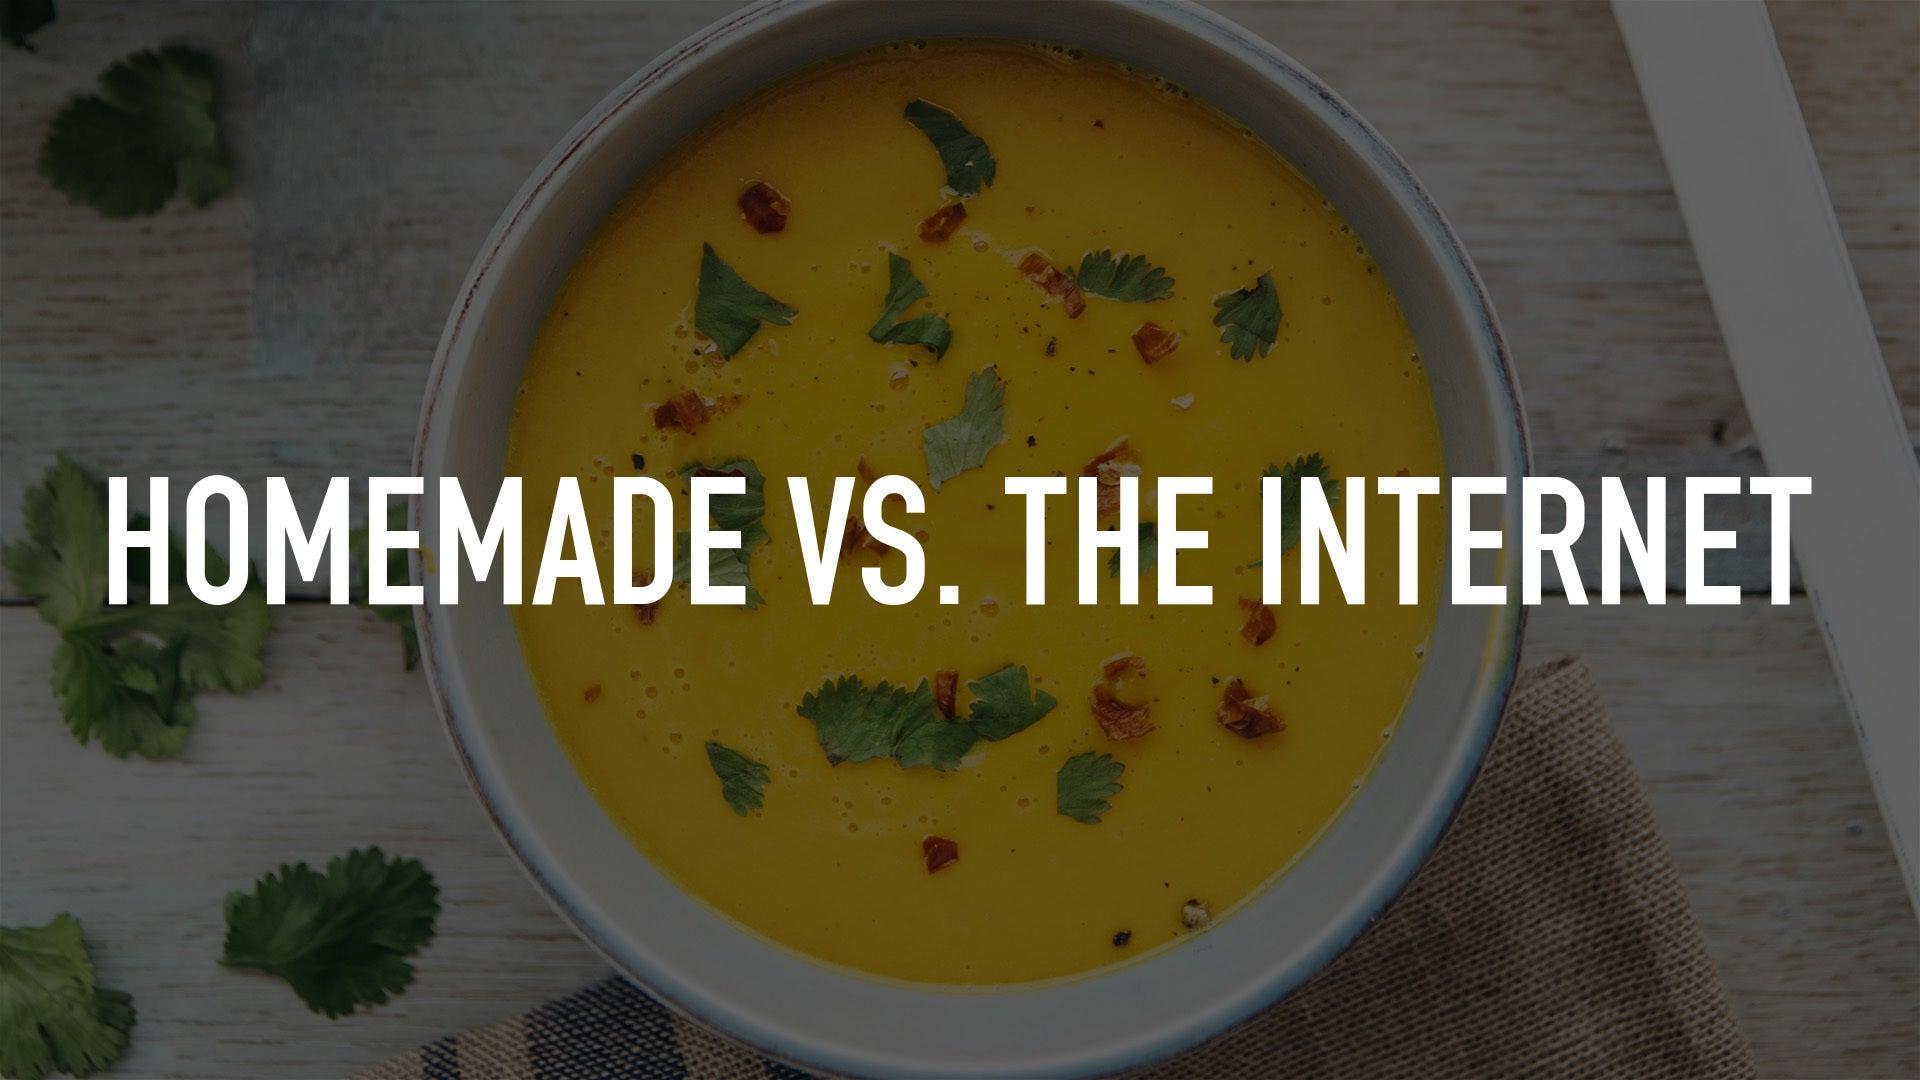 Homemade vs. the Internet